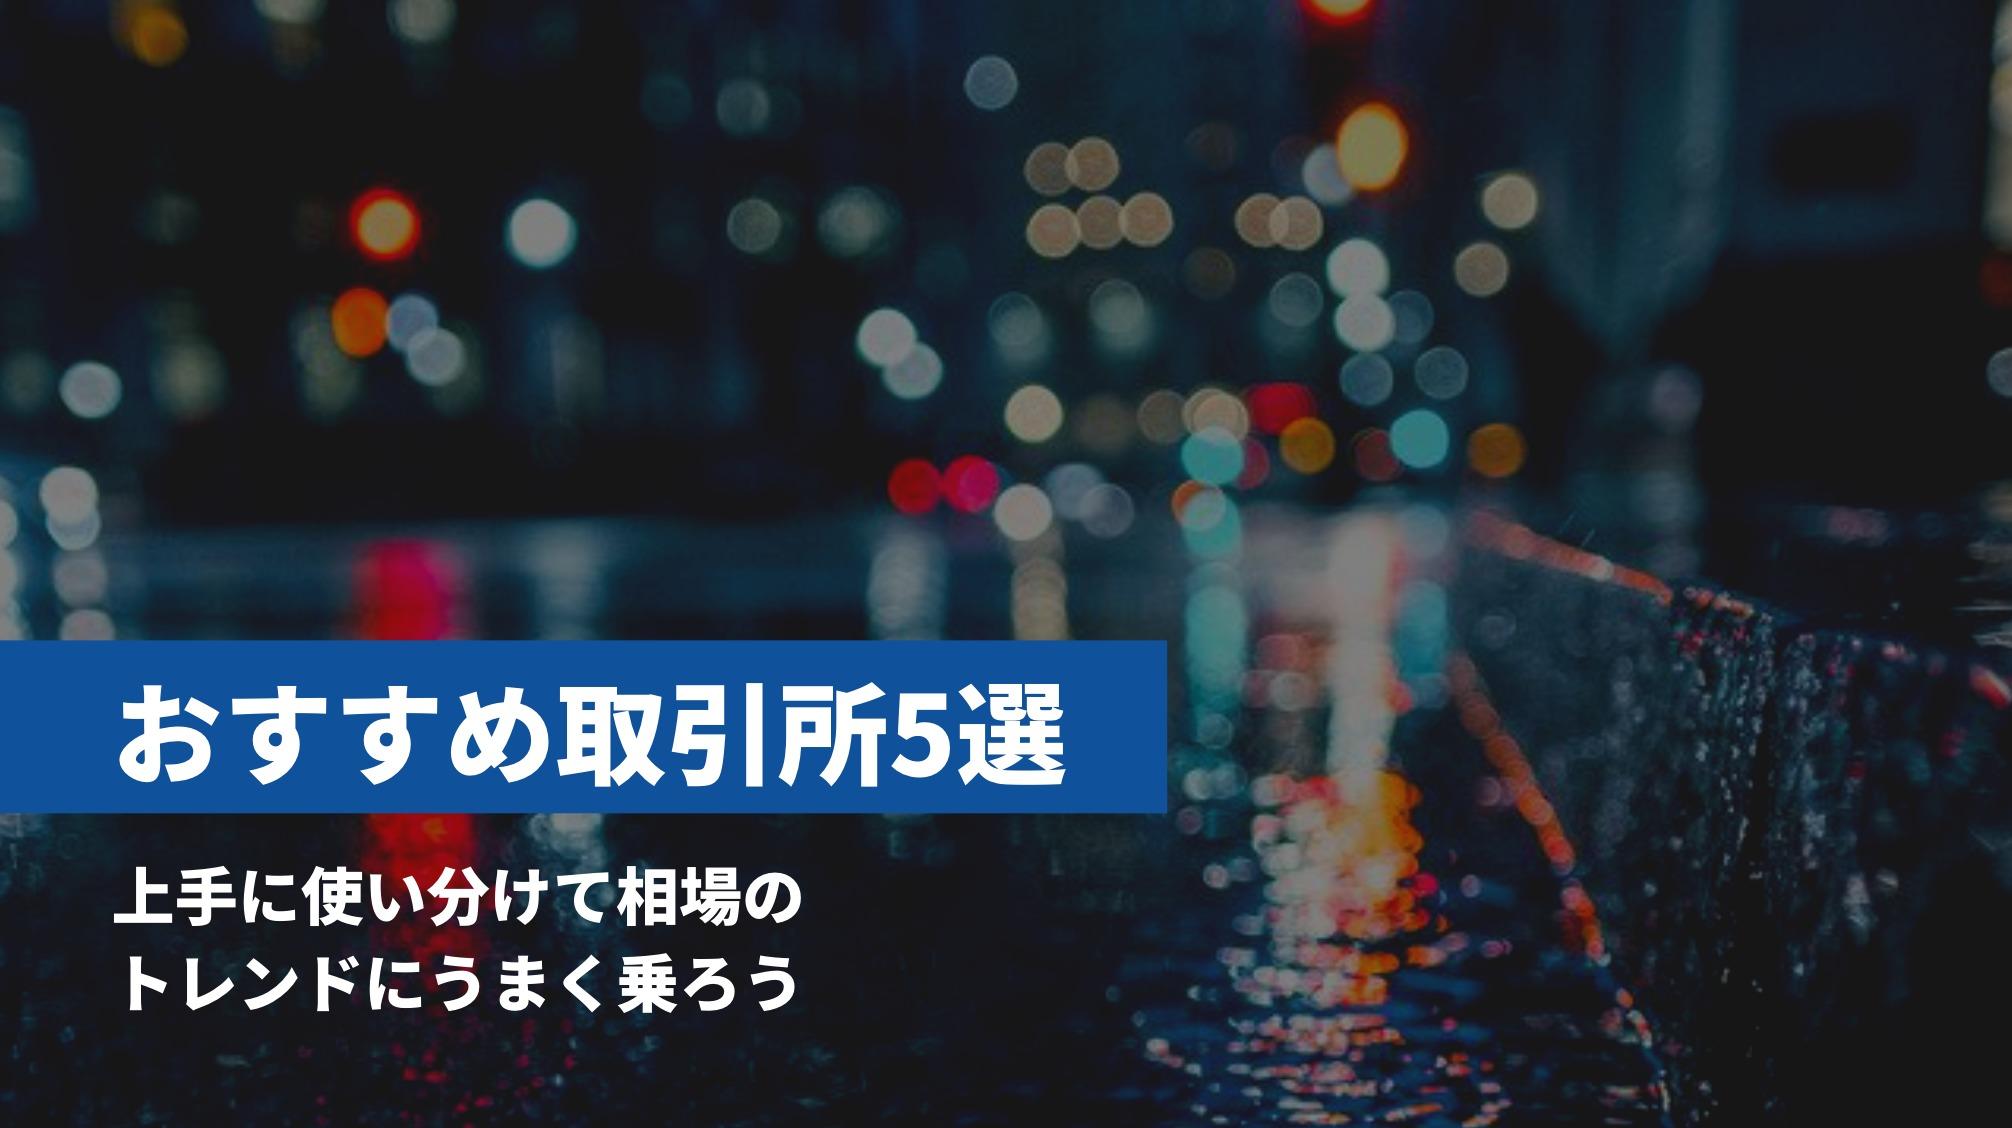 おすすめ仮想通貨取引所5選!!上手に使い分けて相場のトレンドにうまく乗ろう!!!